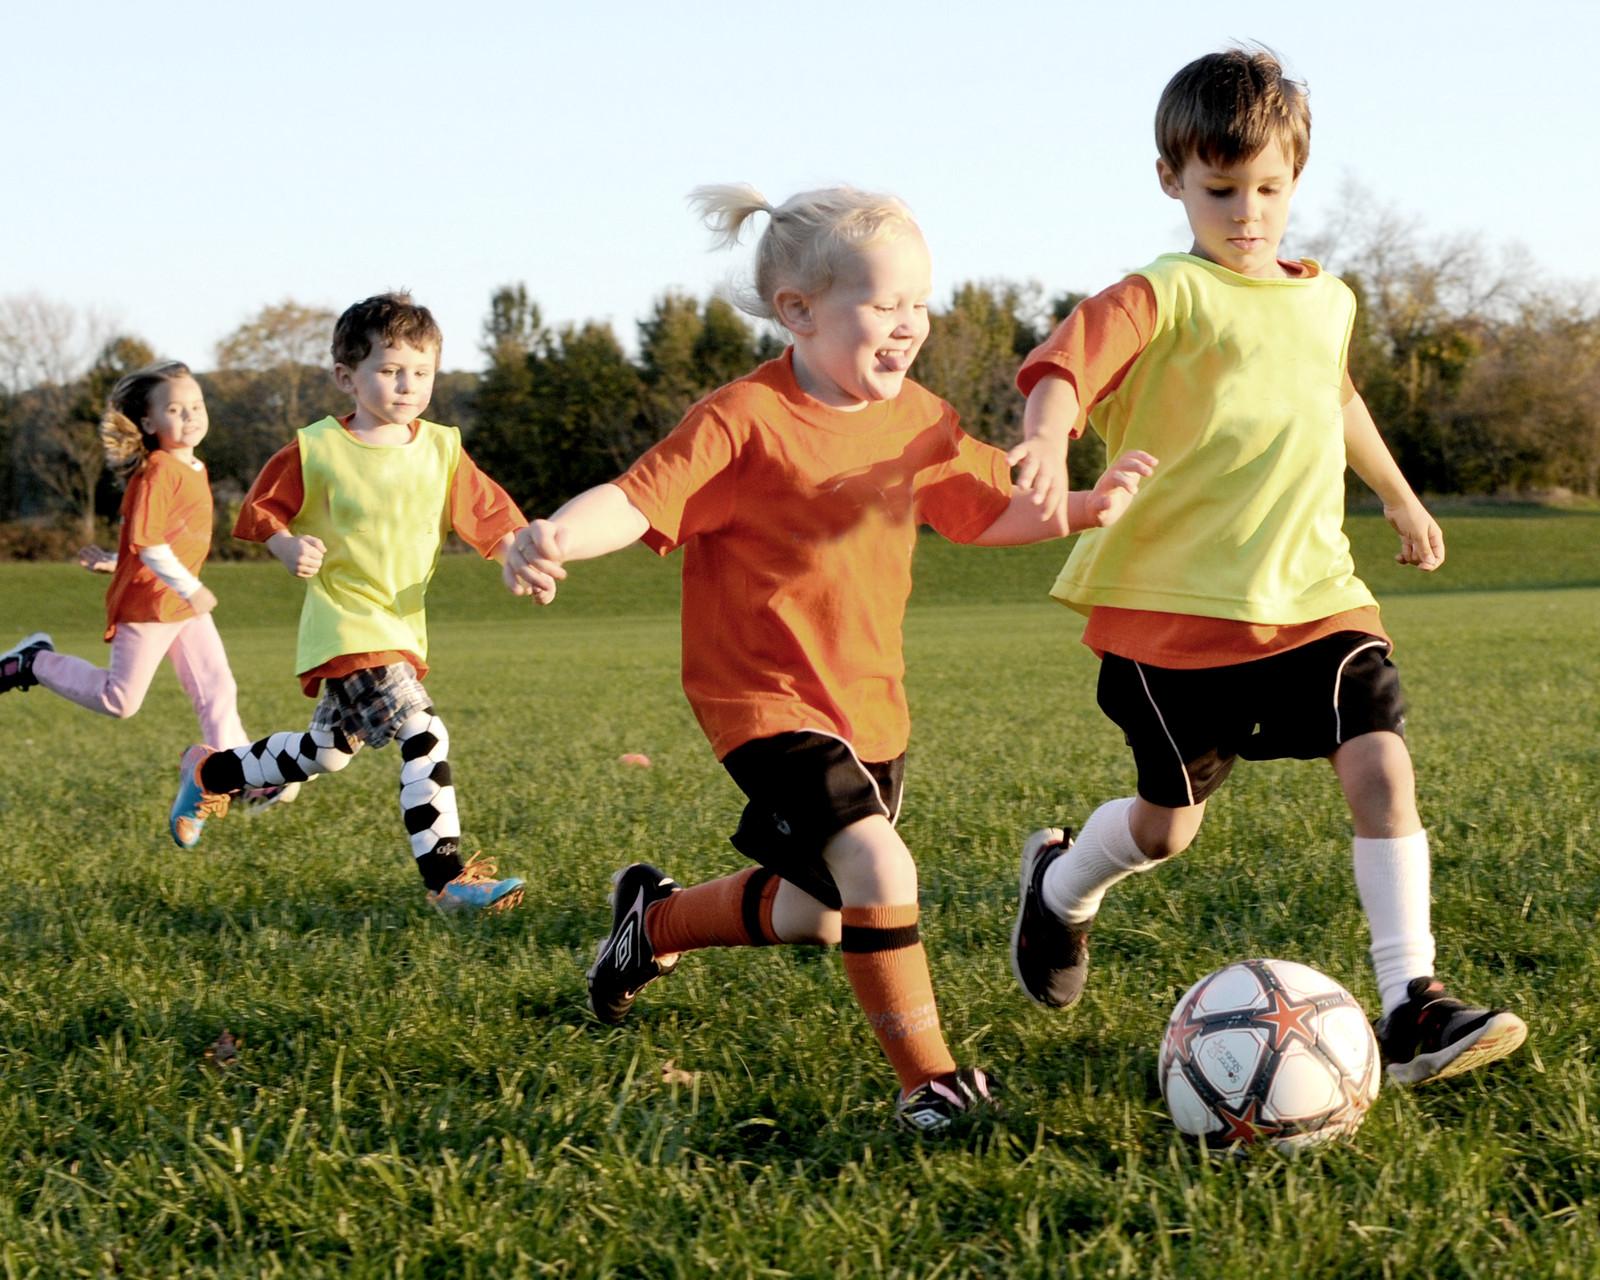 Картинка с футболом для детей